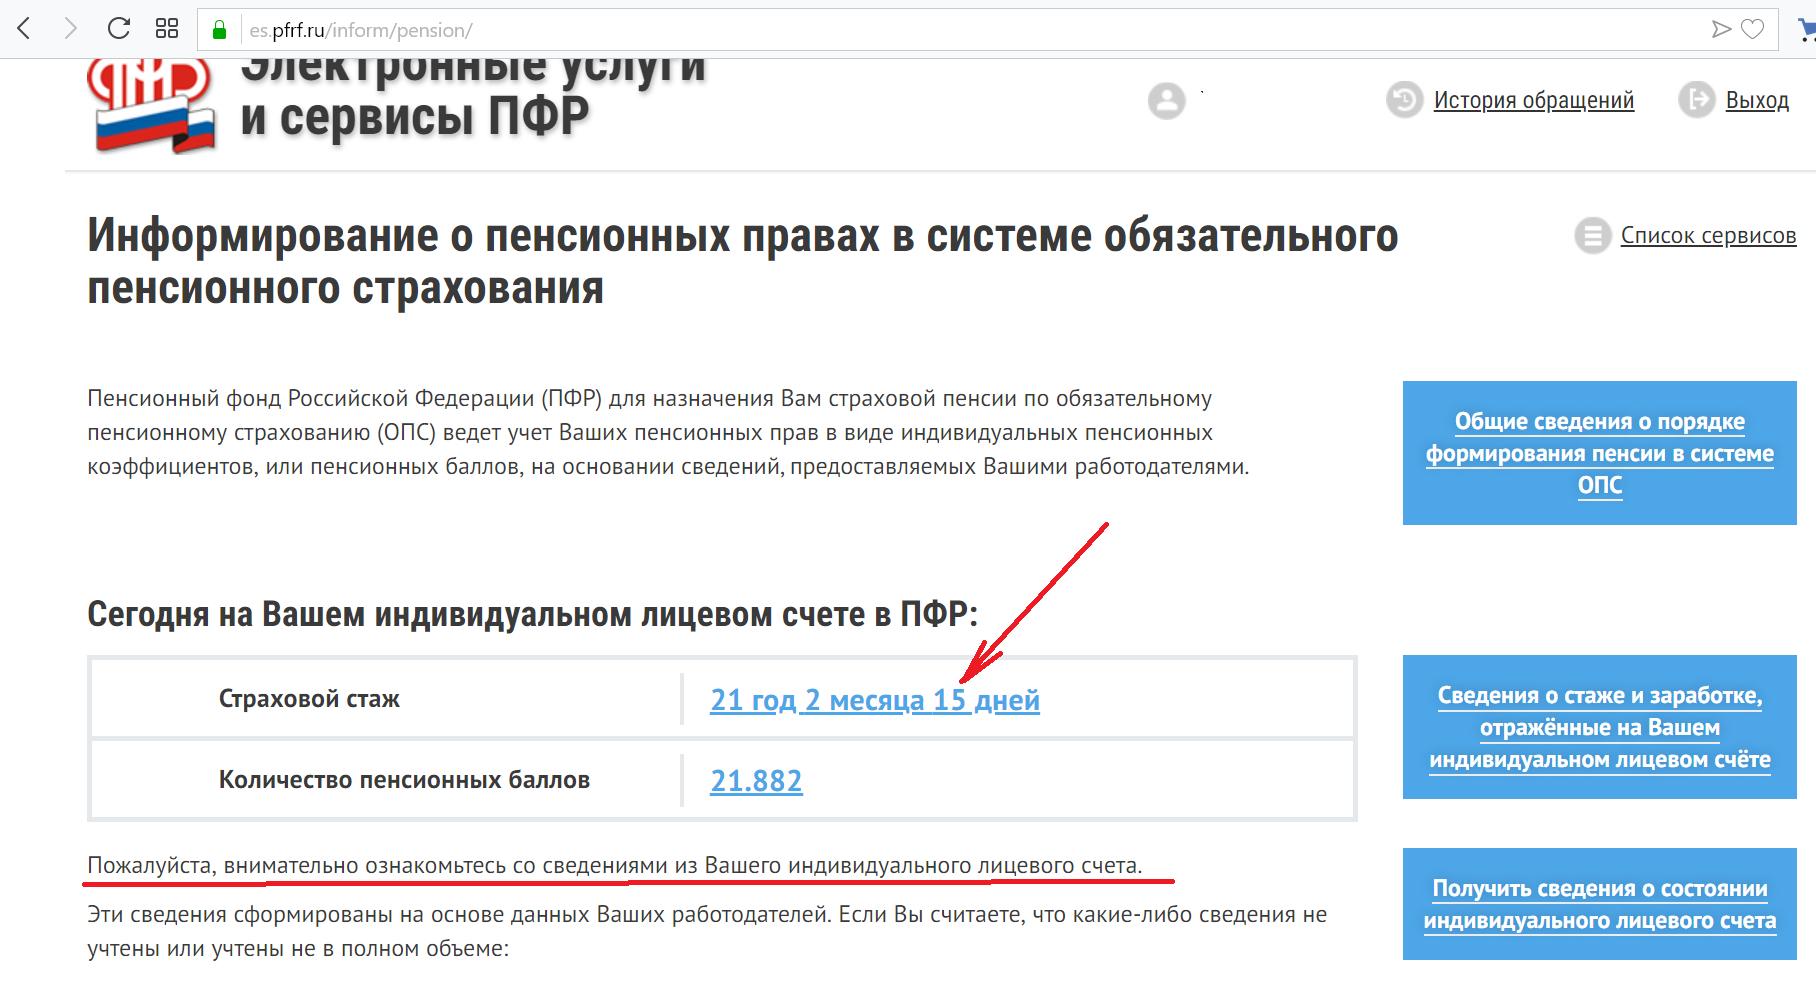 Информацию о количестве баллов на пенсионном счете можно получить когда можно получить пенсию казахстане